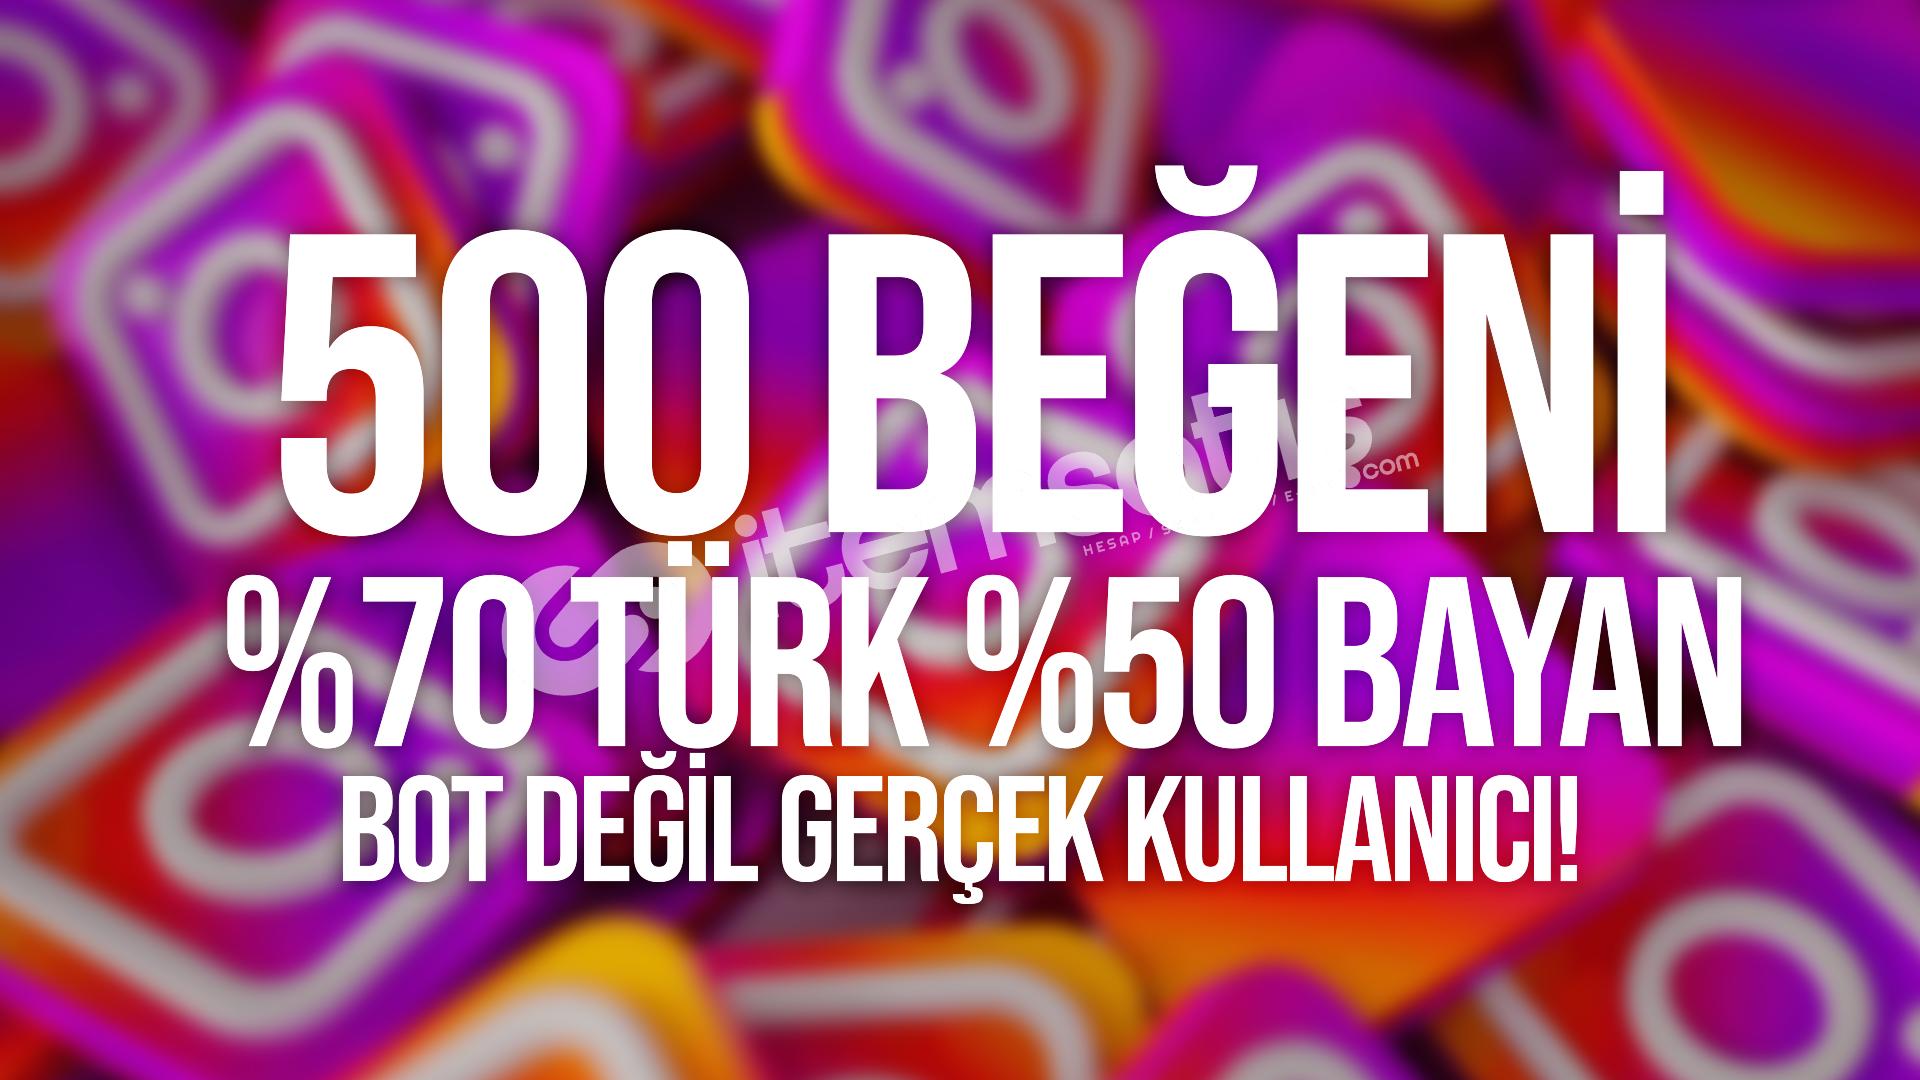 %70 Türk %50 Bayan Beğeni (BOT DEĞİL)